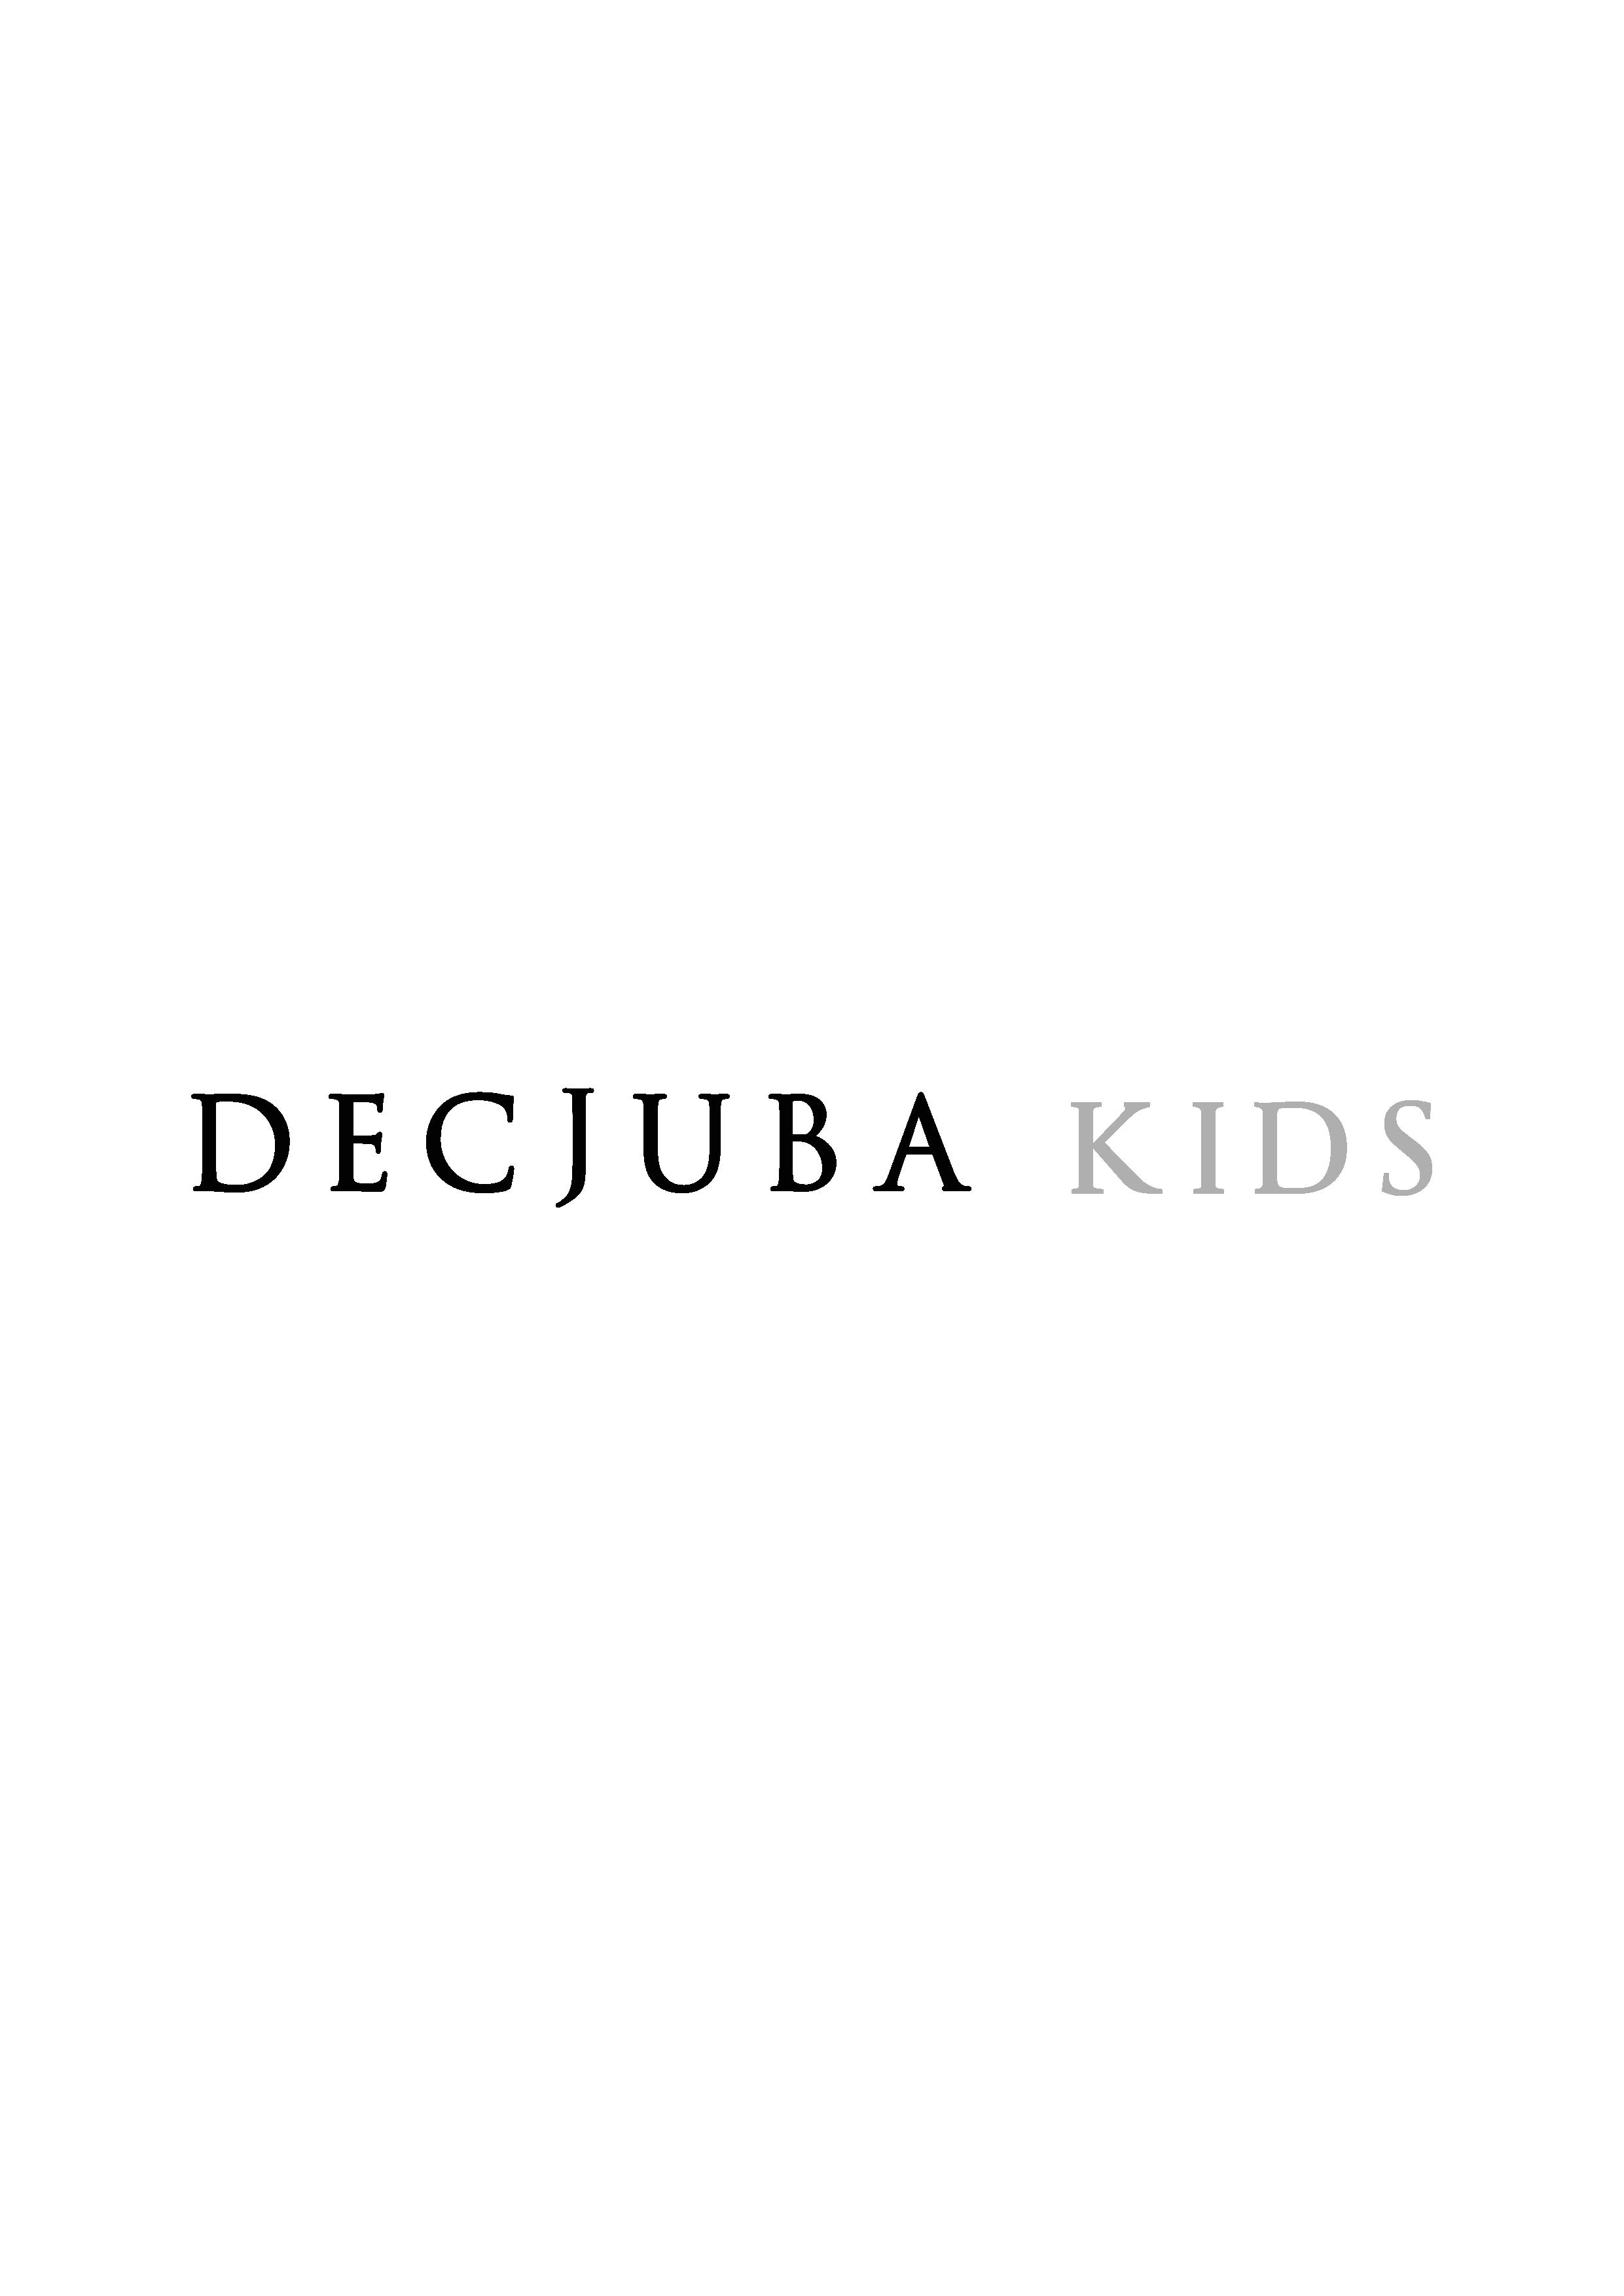 Decjuba Kids